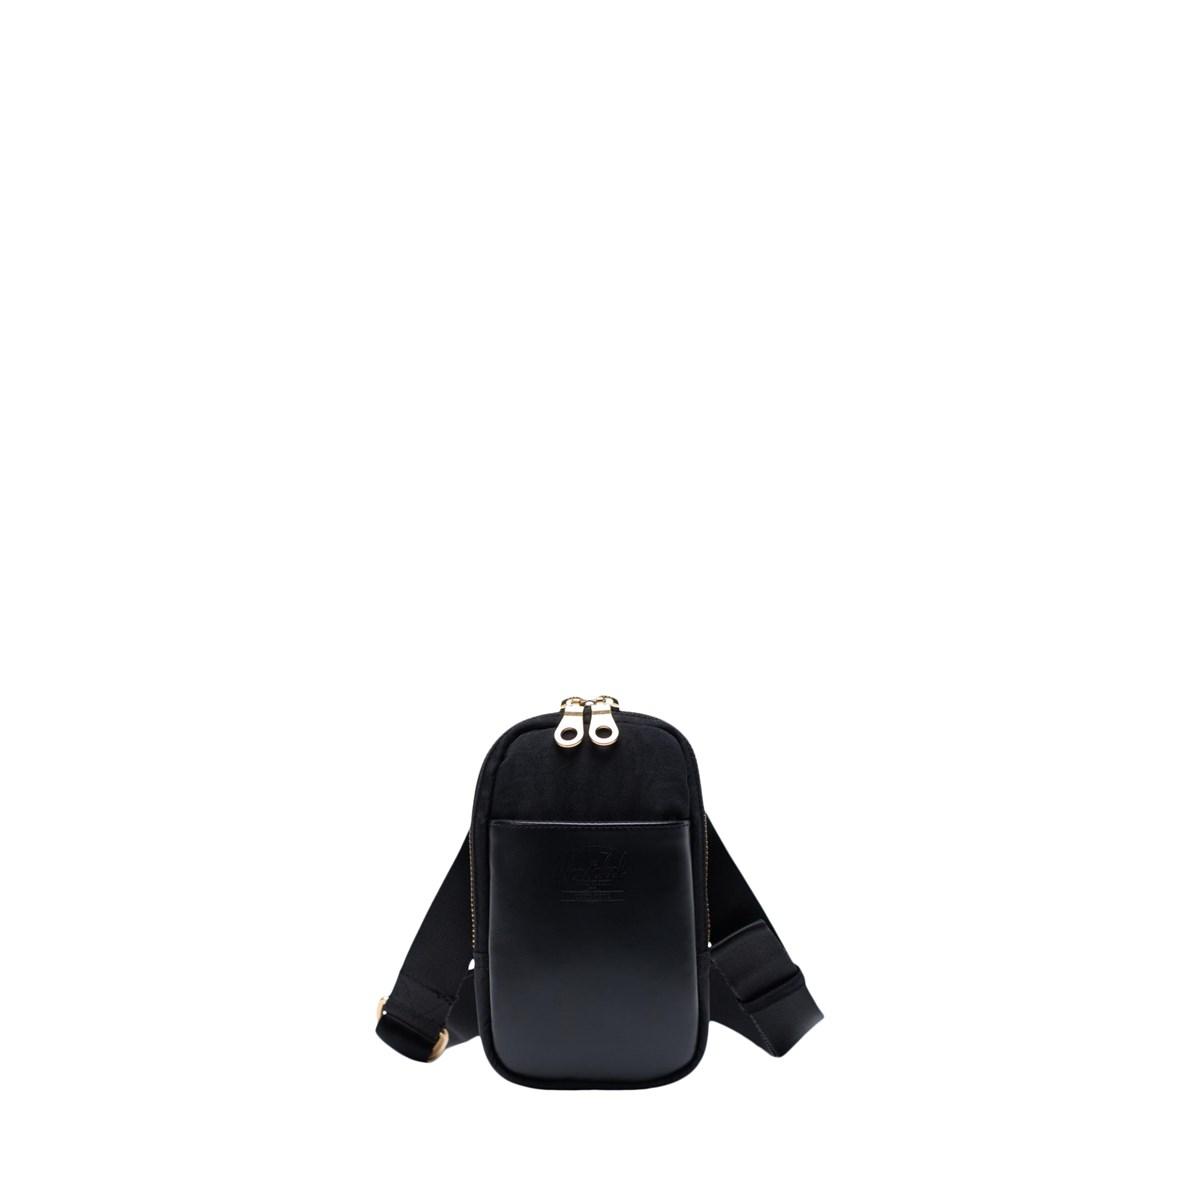 Orion Belt Bag in Black